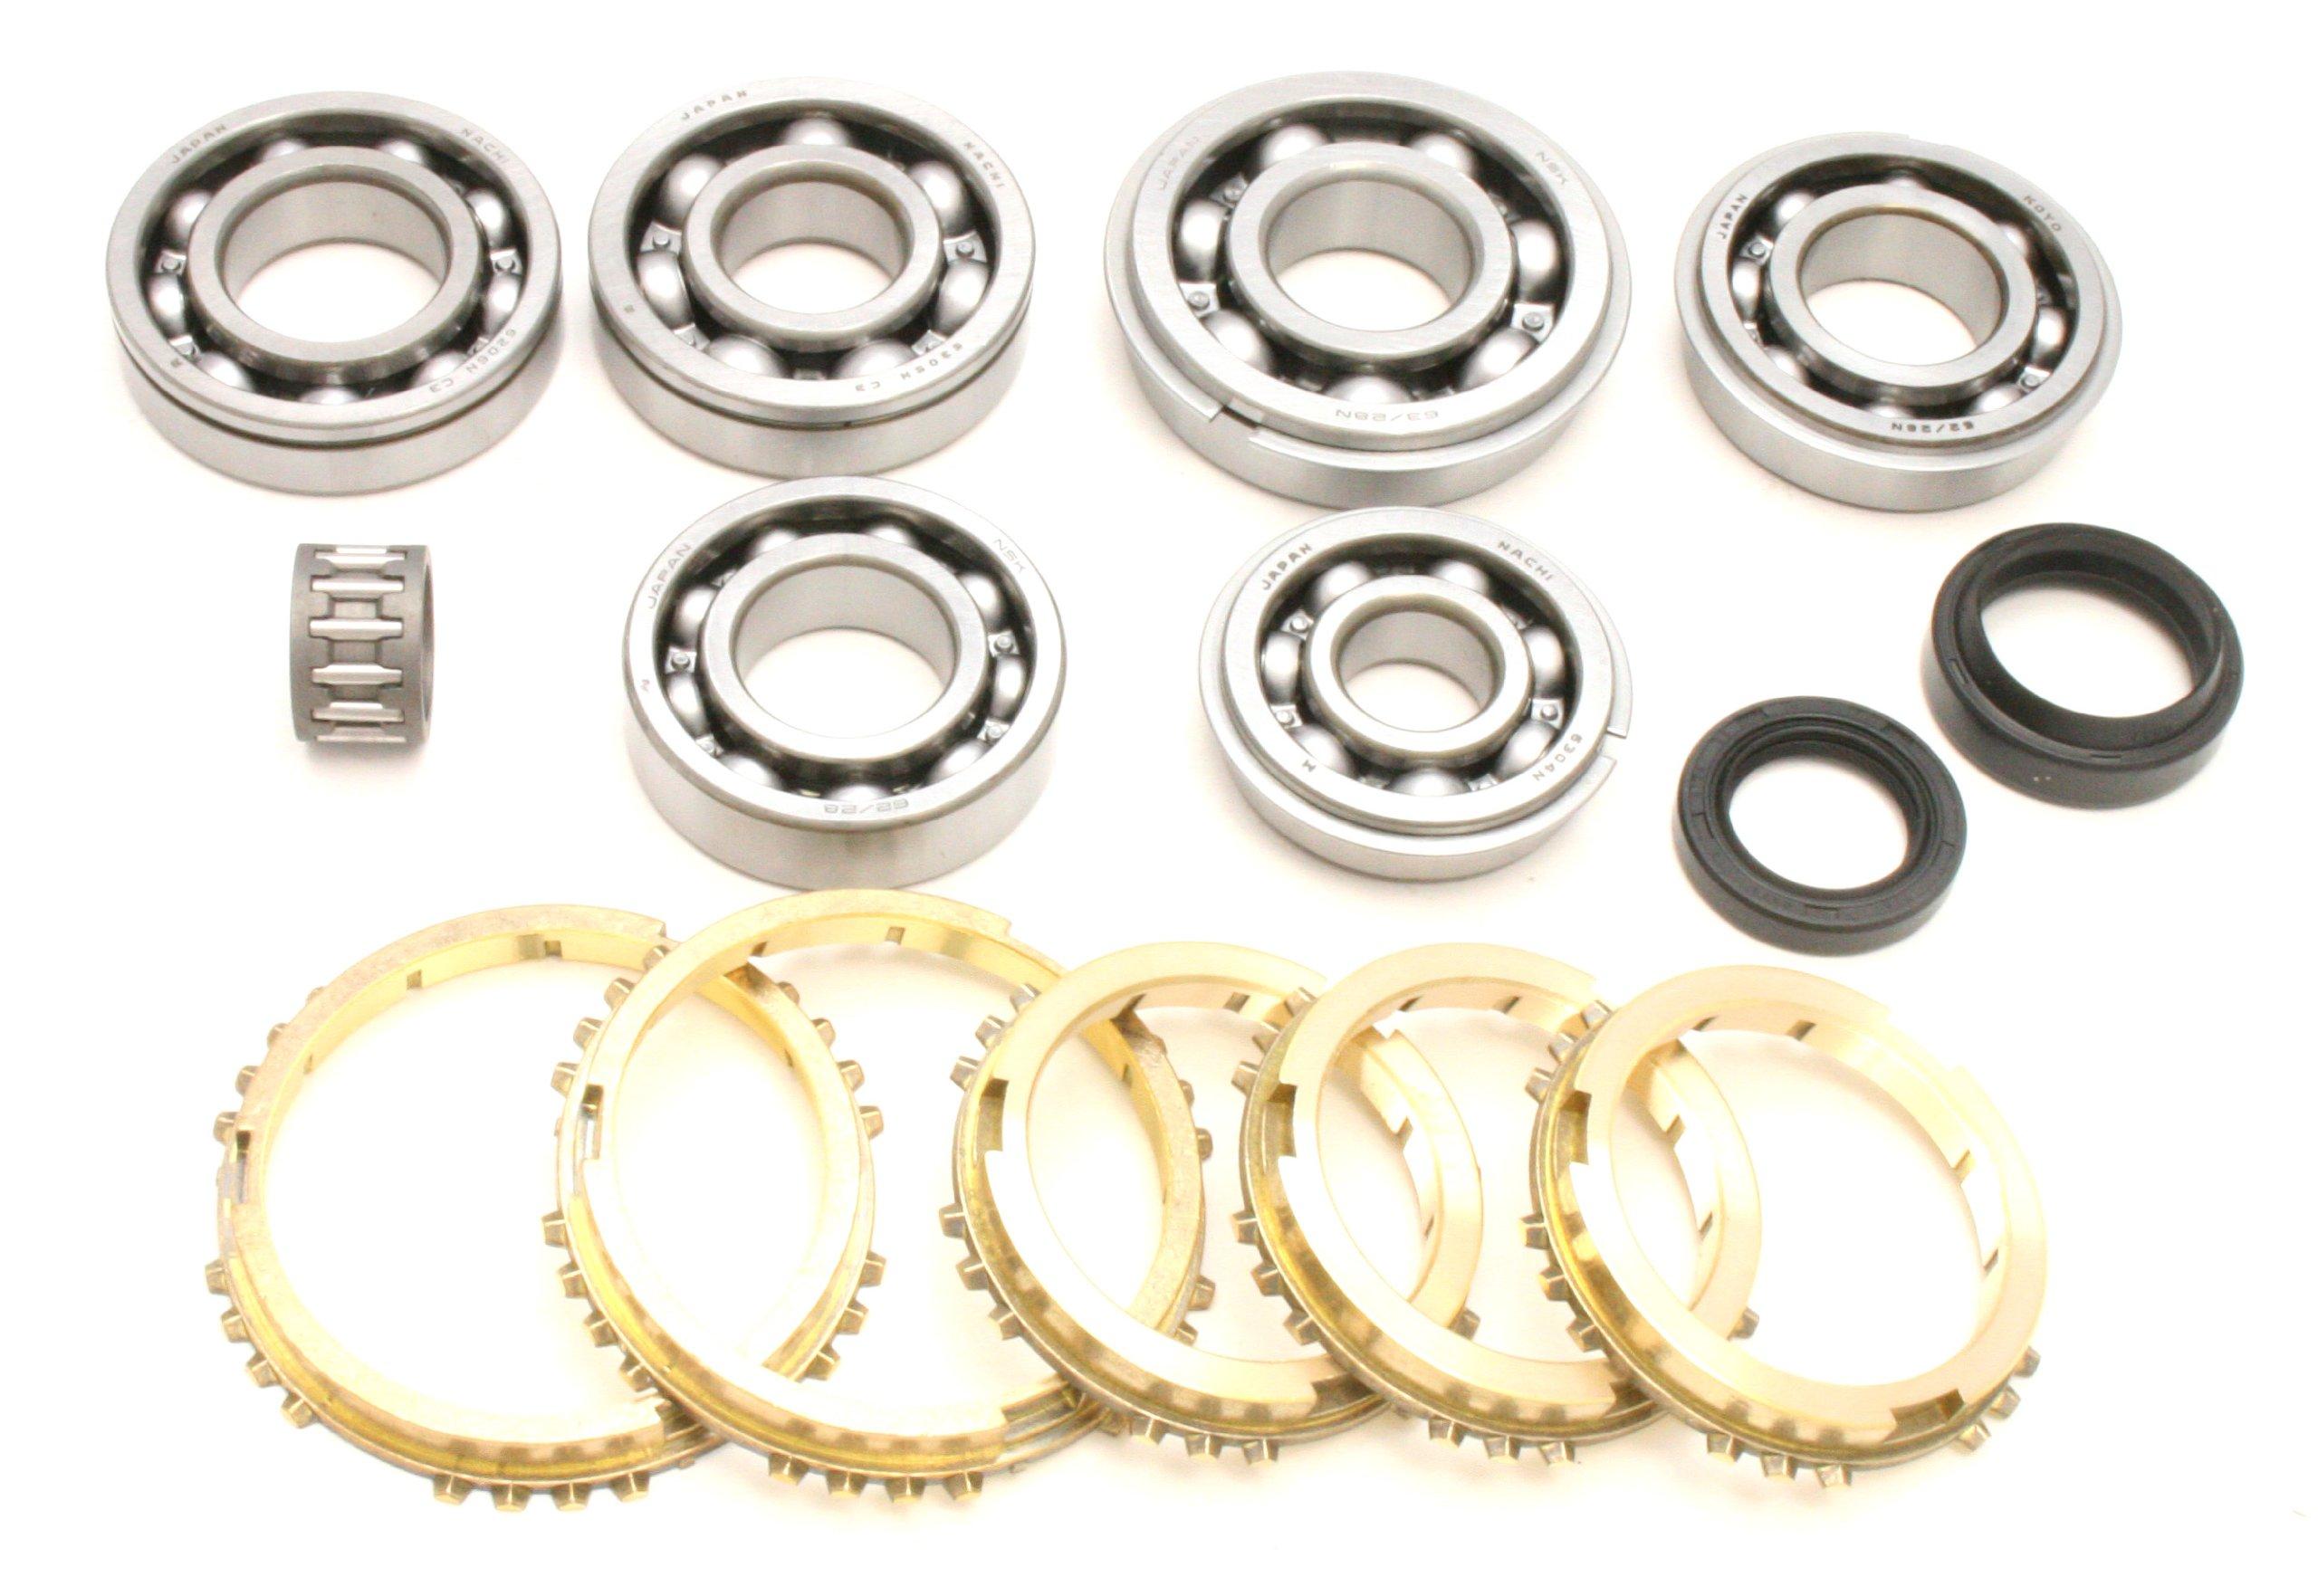 Transparts Warehouse BK165WS Suzuki Samurai Transmission Rebuild Kit with Rings